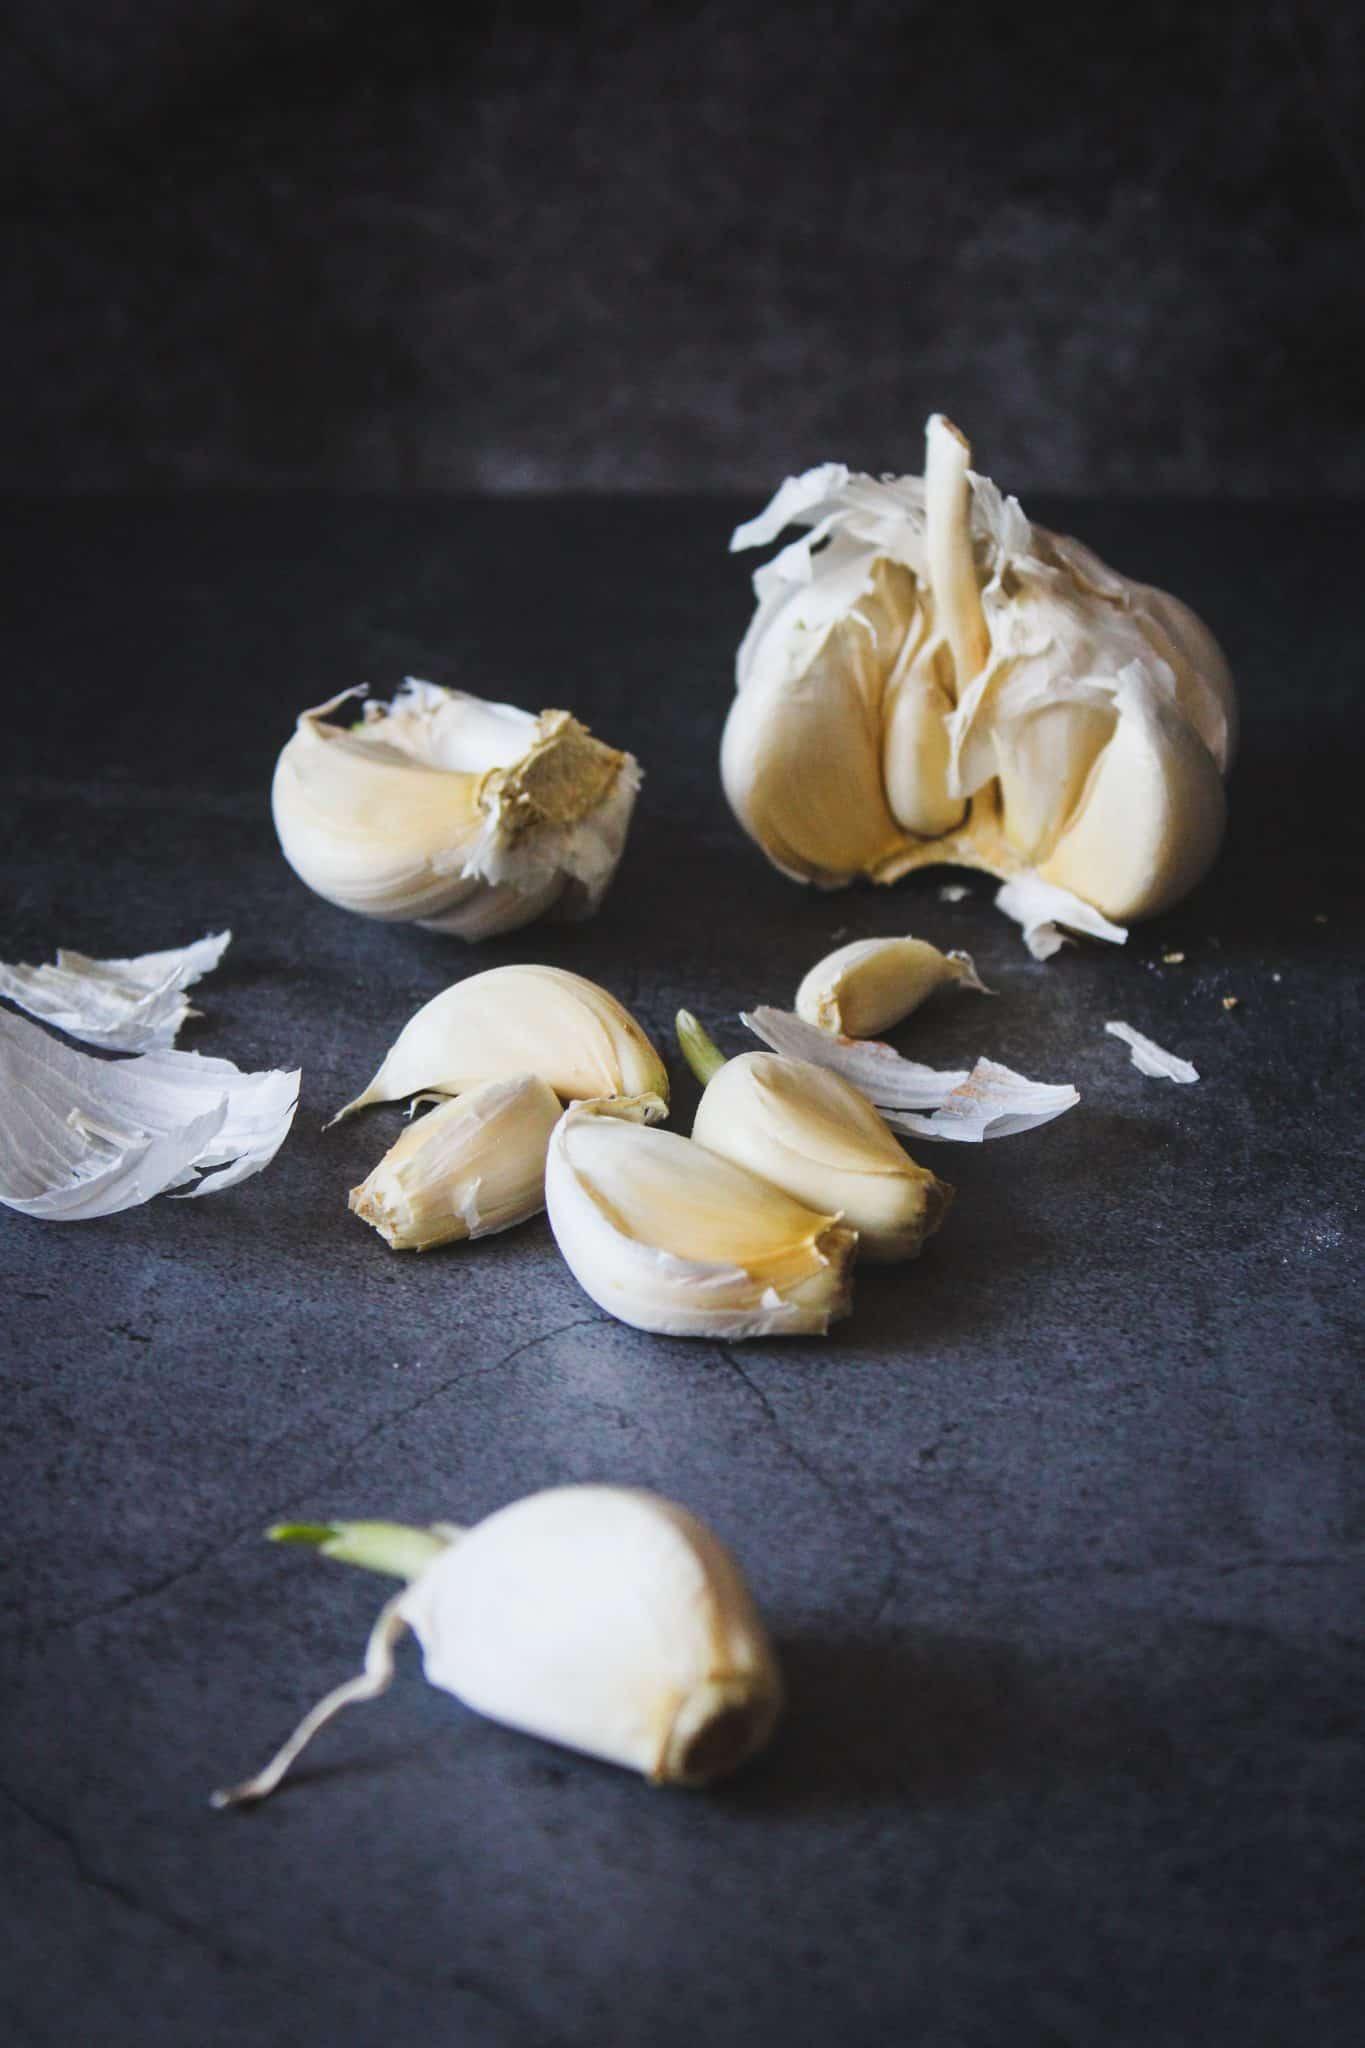 Head of garlic on a dark background